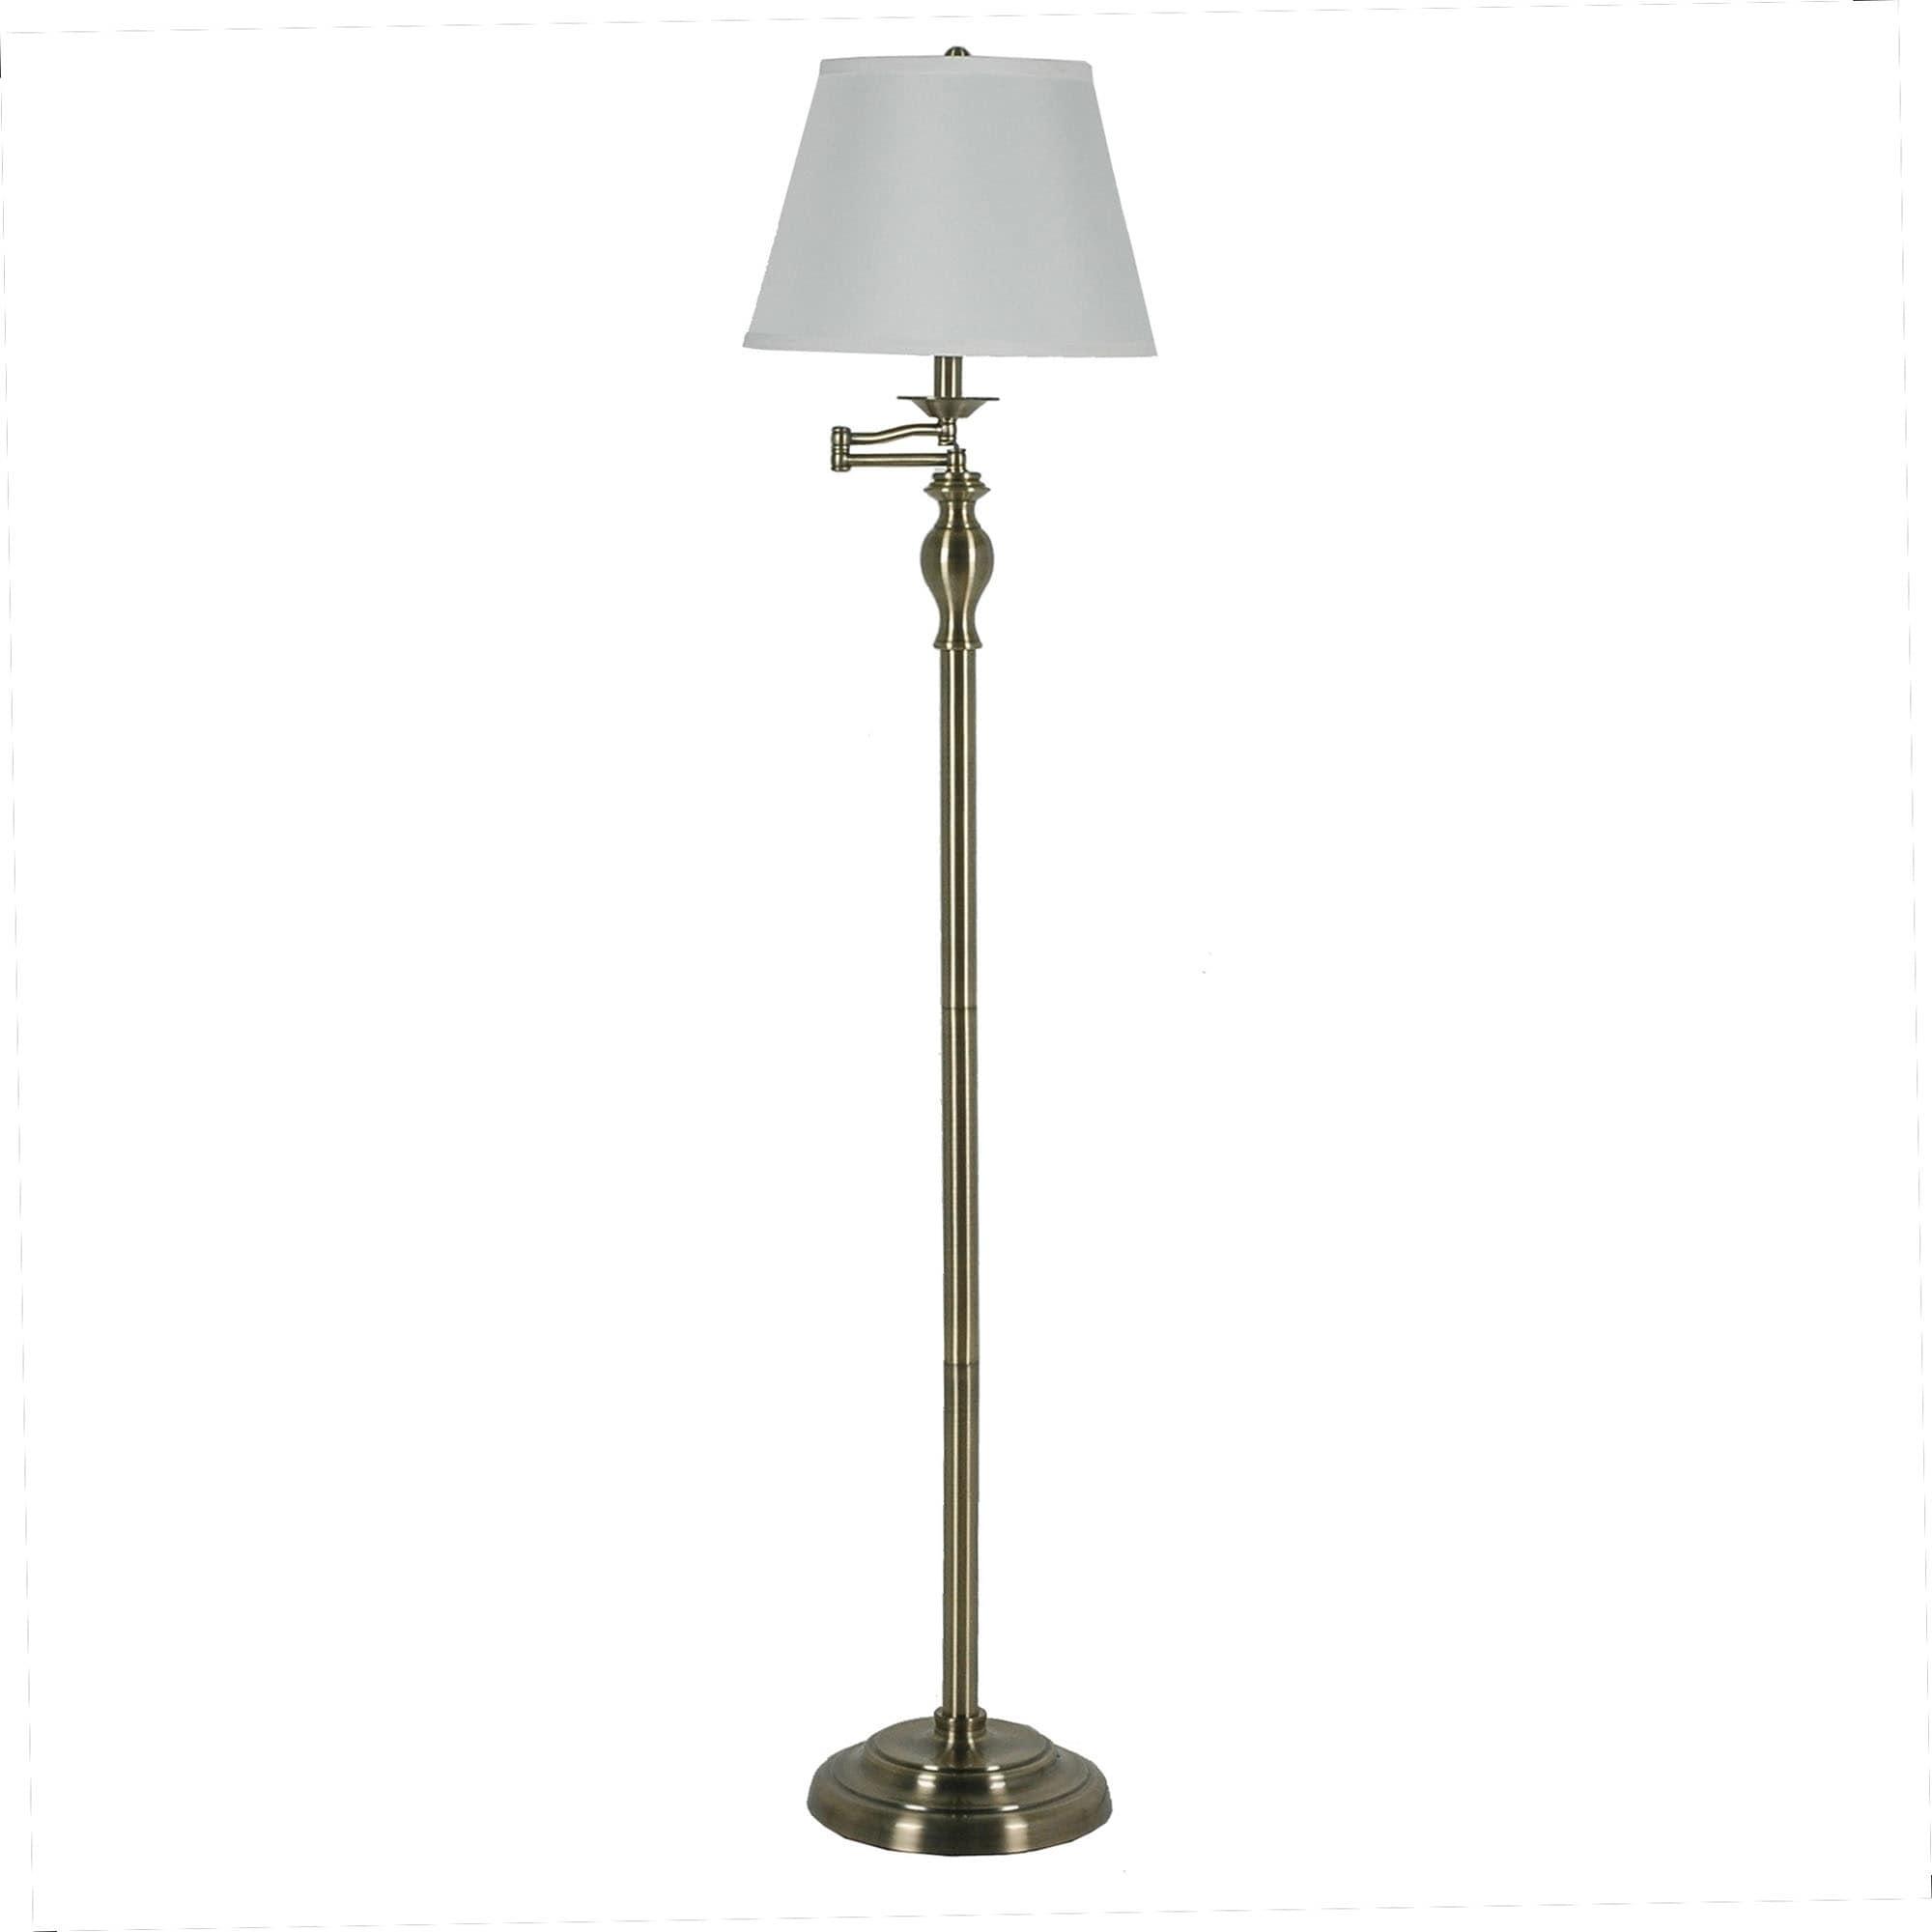 Image of: Shop Fangio Lighting S 1258 60 Swing Arm Floor Lamp In Antique Brass Overstock 22561496